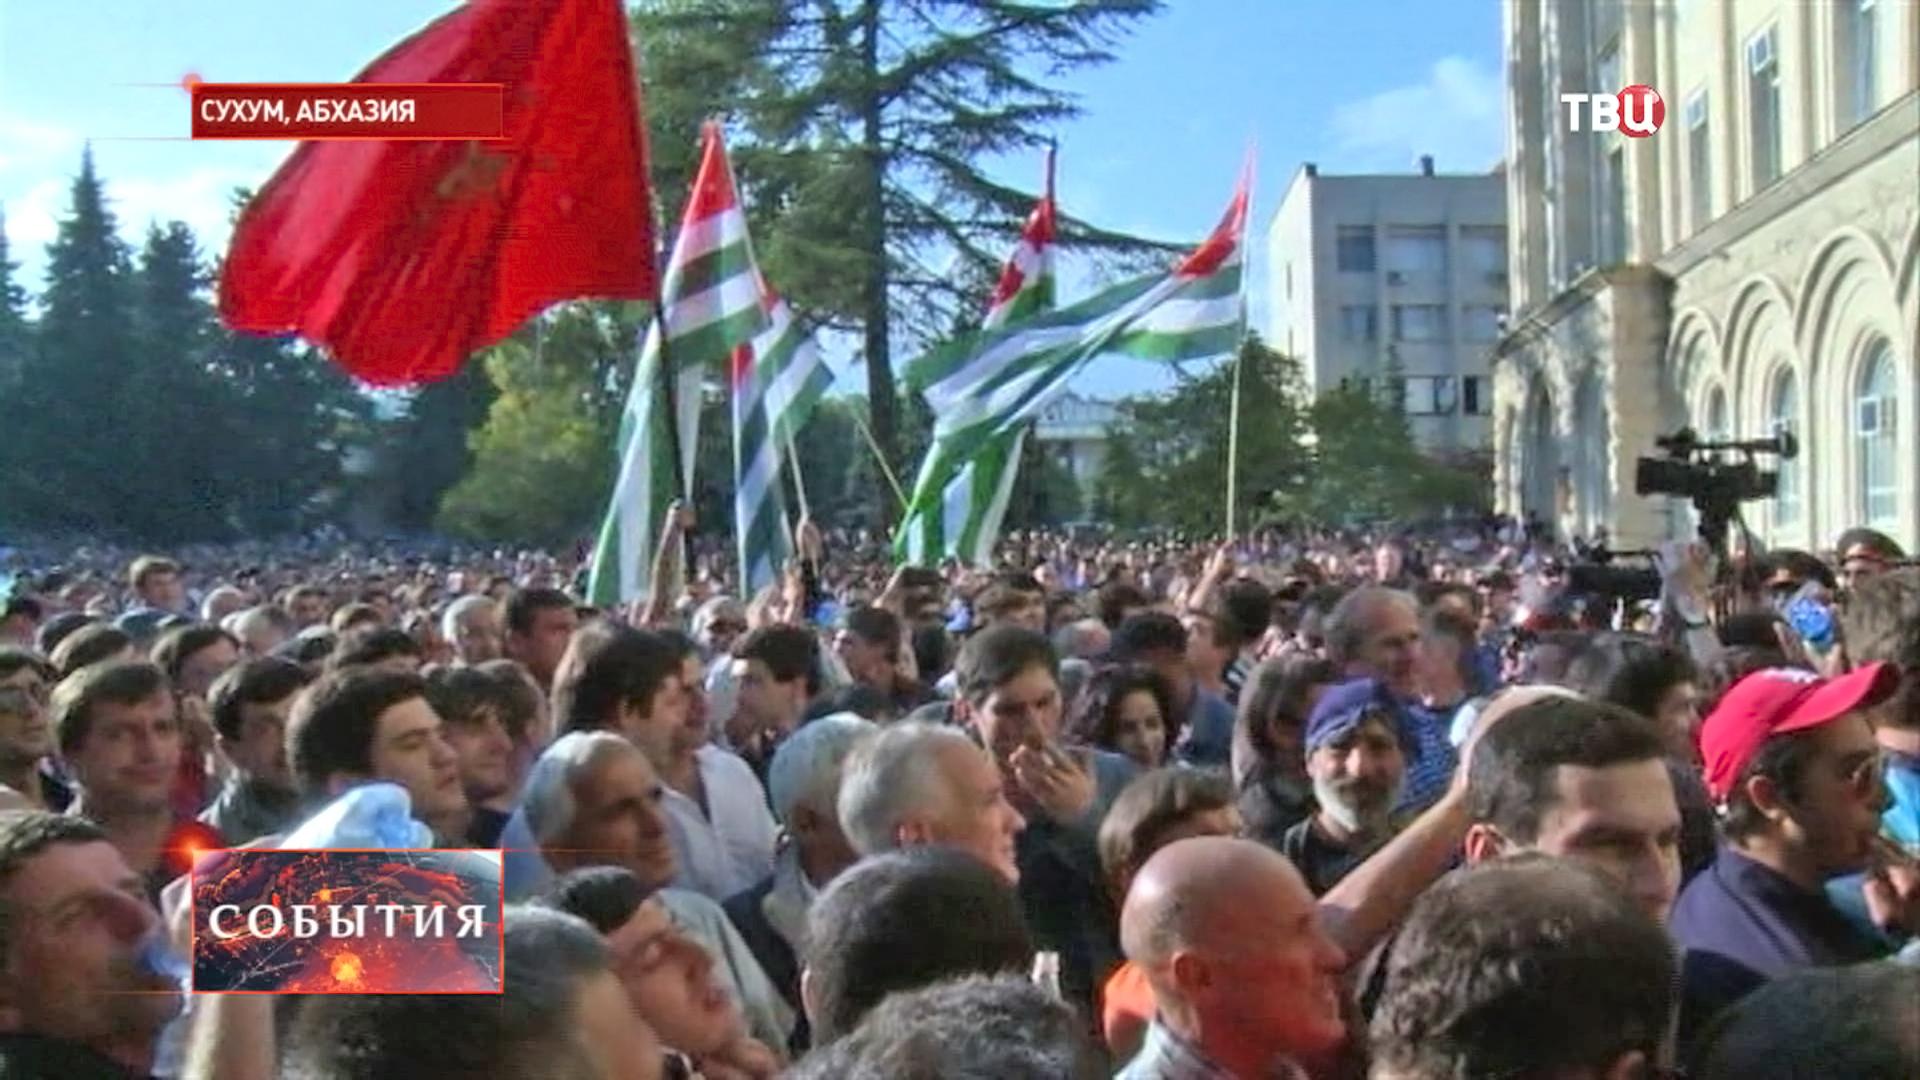 Митинг в Абхазии